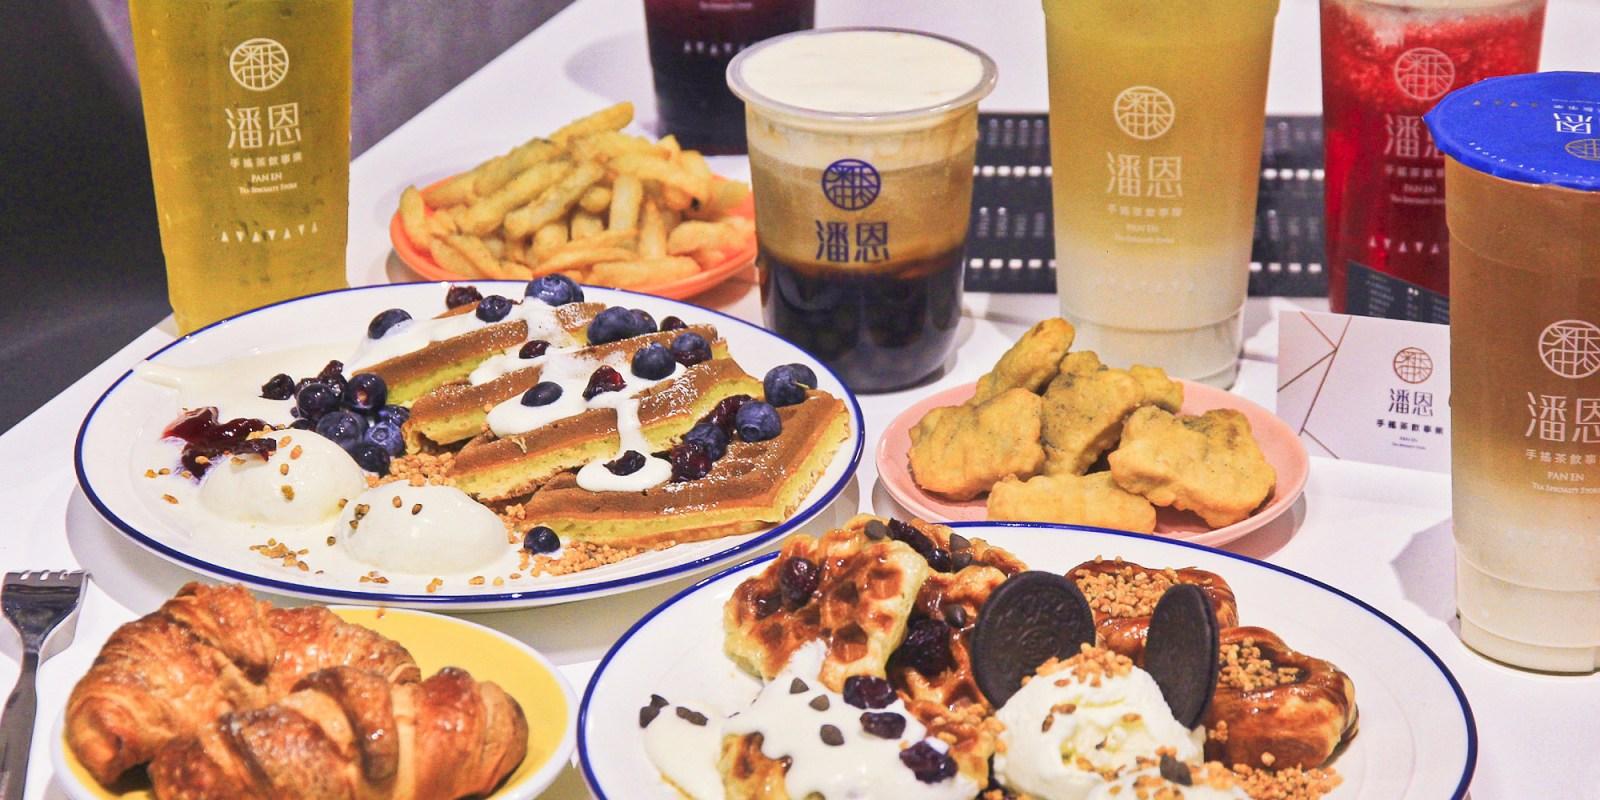 台南聚會推薦~有鬆餅、啤酒機的內用飲料店「潘恩茶飲」華平總店!